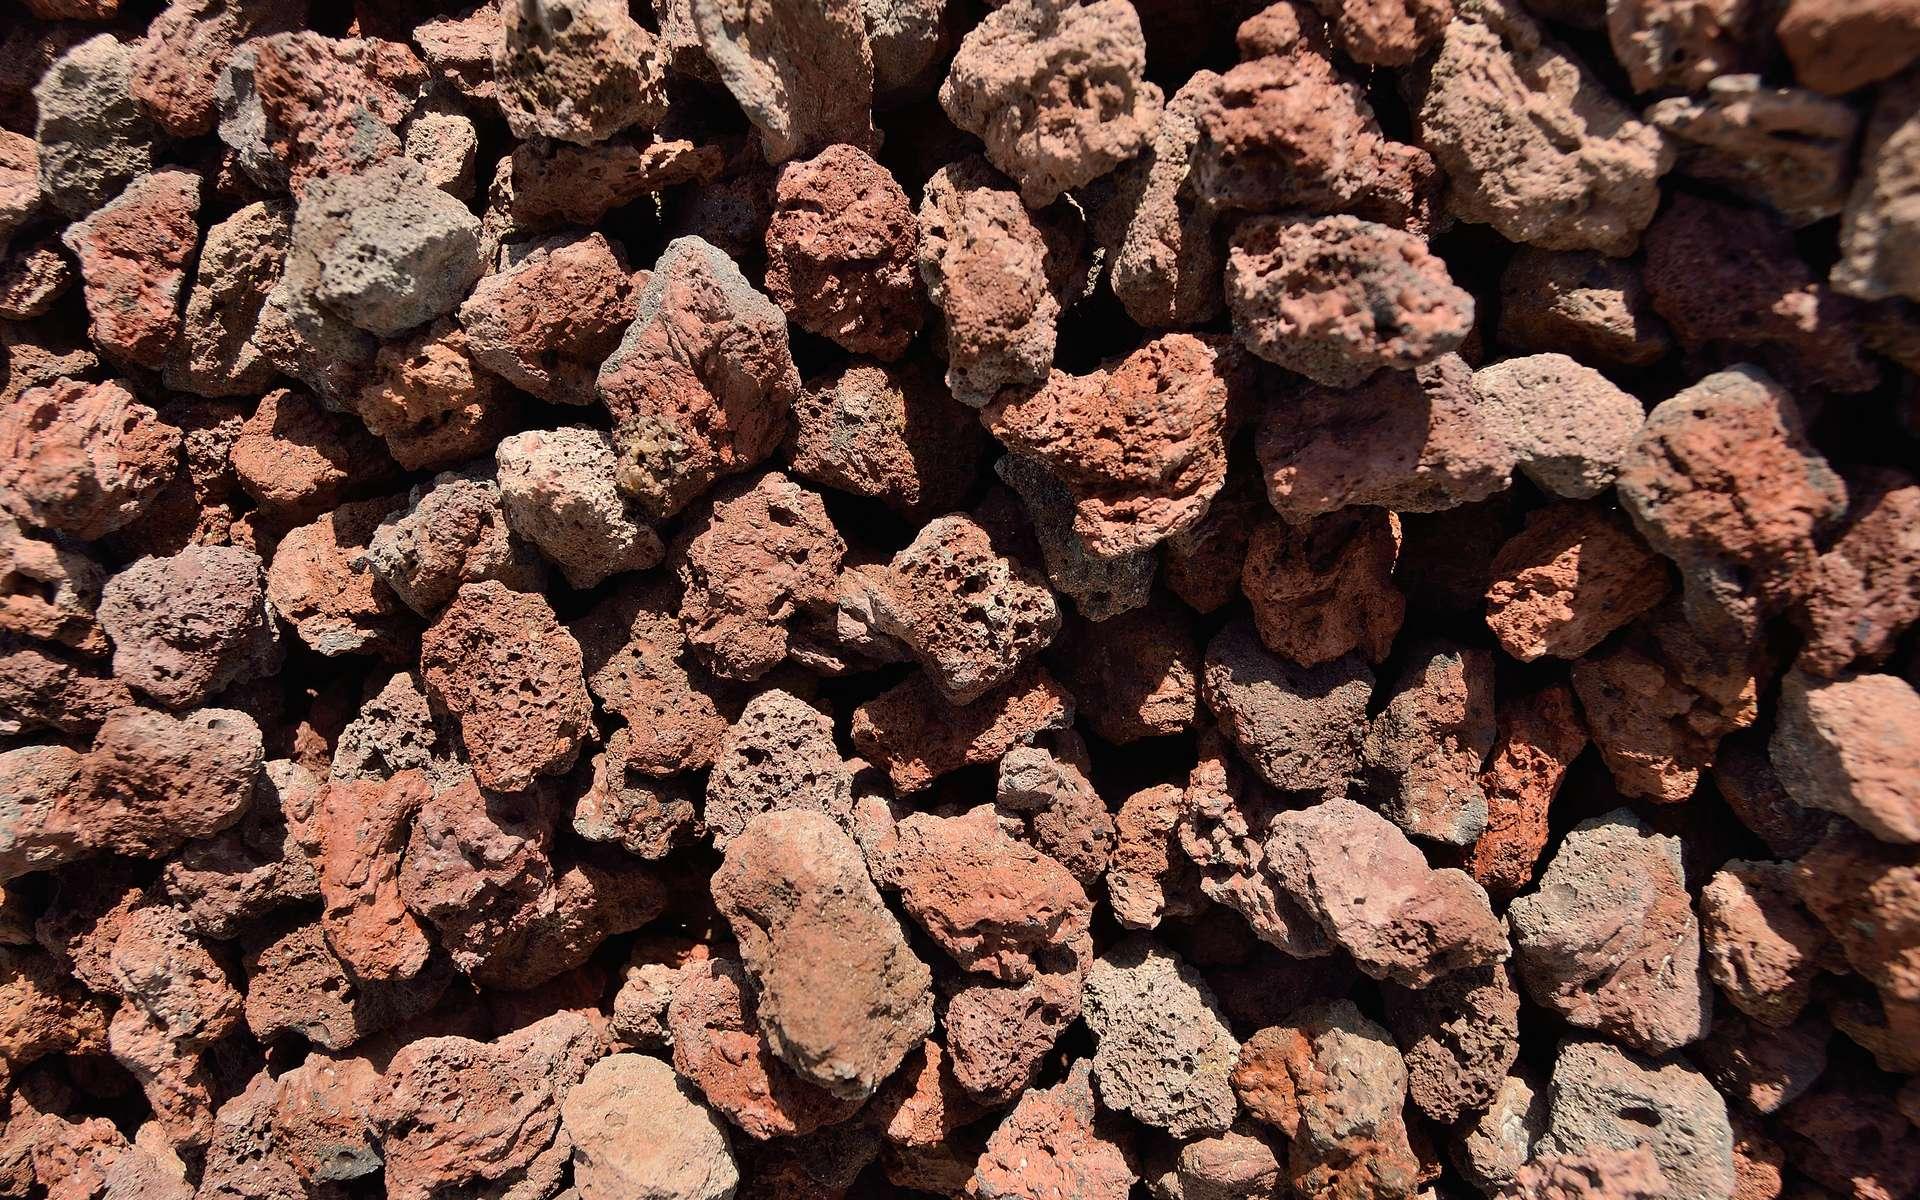 La pouzzolane est une pierre volcanique pouvant servir de paillage minéral dans le jardin. © BGO